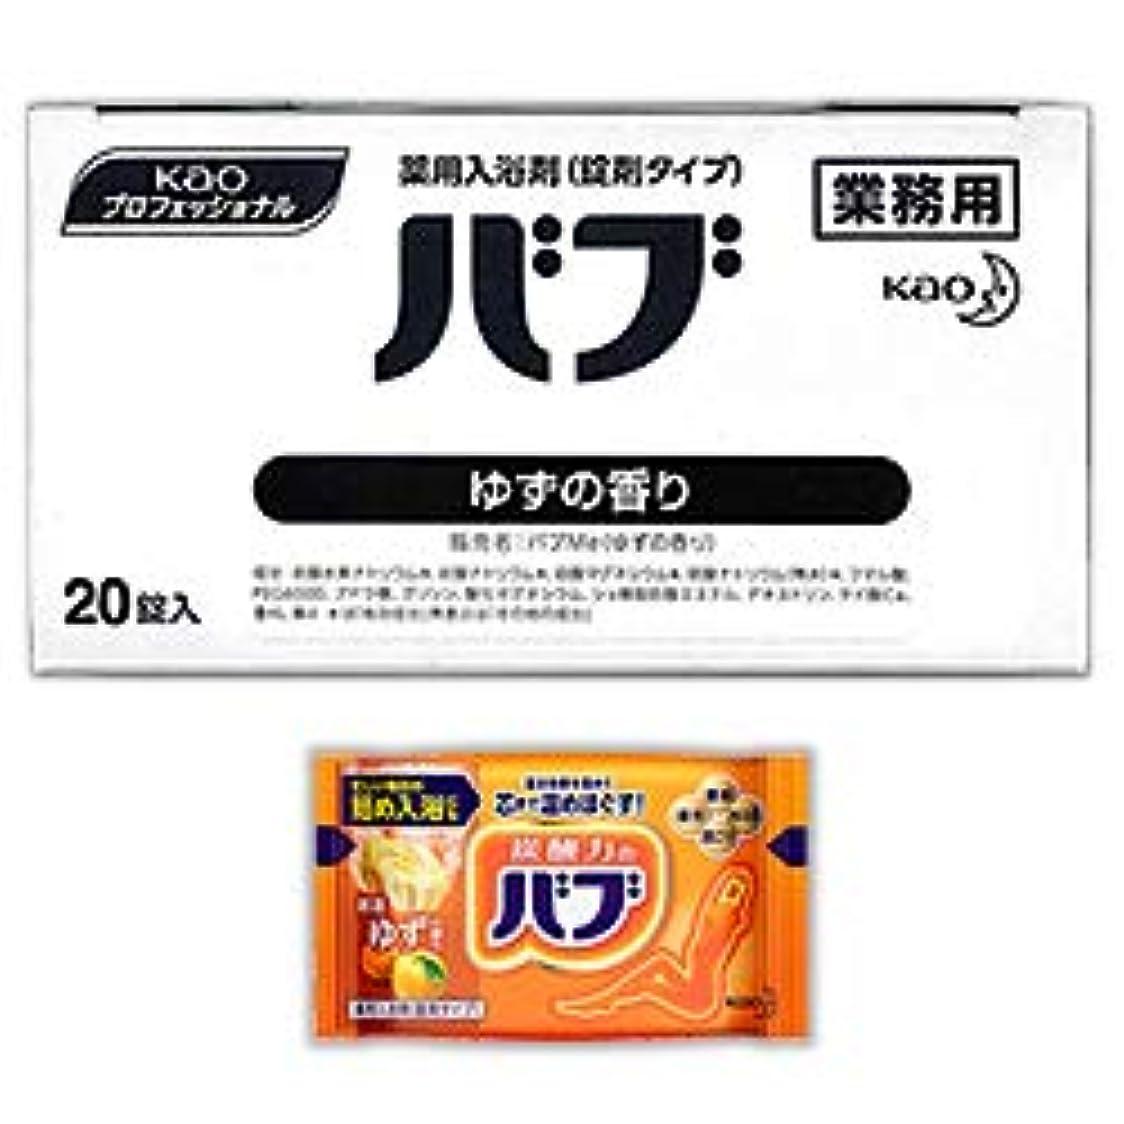 暴力的な道路人質【花王】Kaoプロフェッショナル バブ ゆずの香り(業務用) 40g×20錠入 ×2個セット